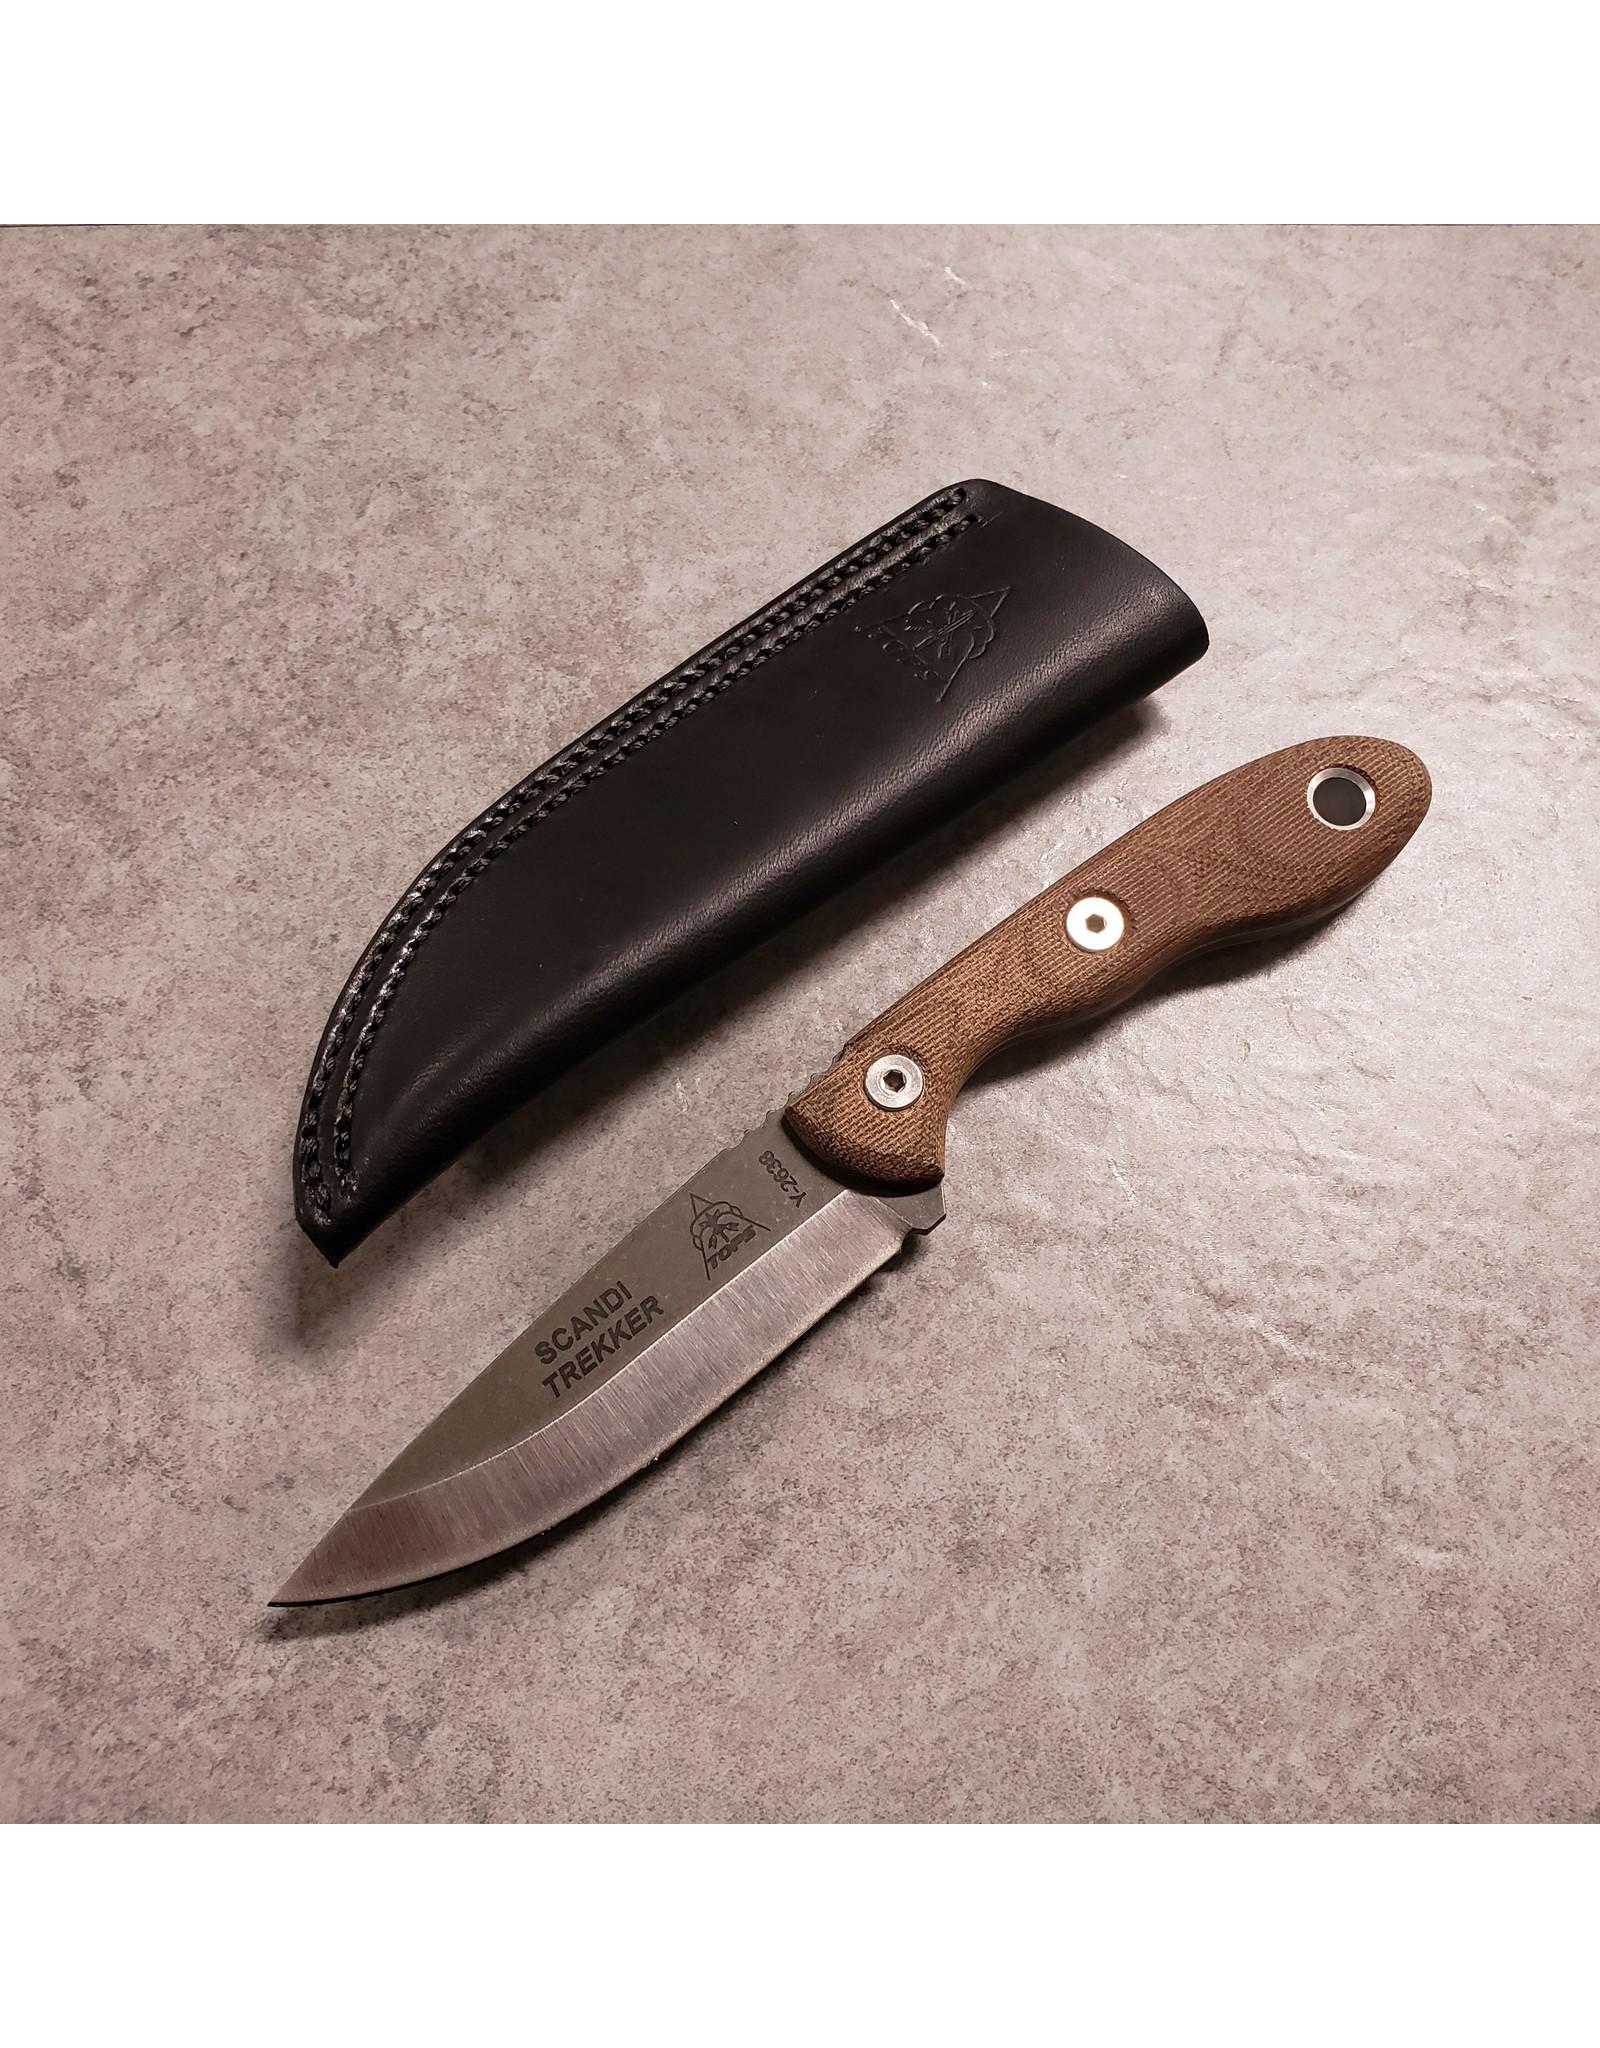 TOPS KNIVES TOPS SCANDI TREKKER KNIFE